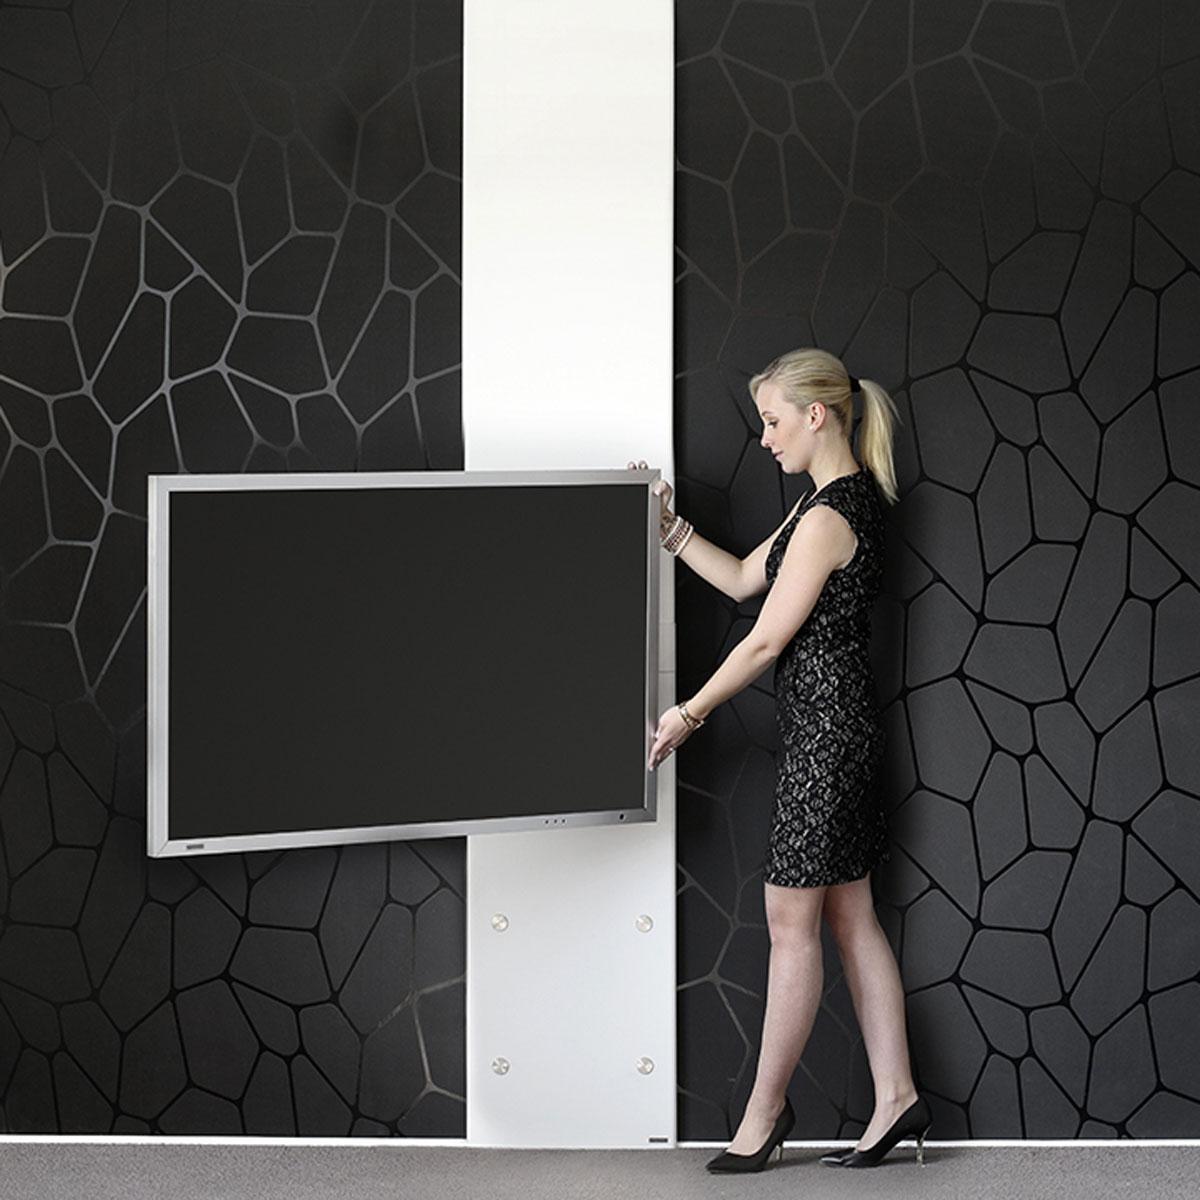 Fernsehhalter mit Schwenkarm. Wandpanel-Variante wählbar. Für TV bis 65 Zoll. Modell Plate Art 126 von Wissmann Raumobjekte.